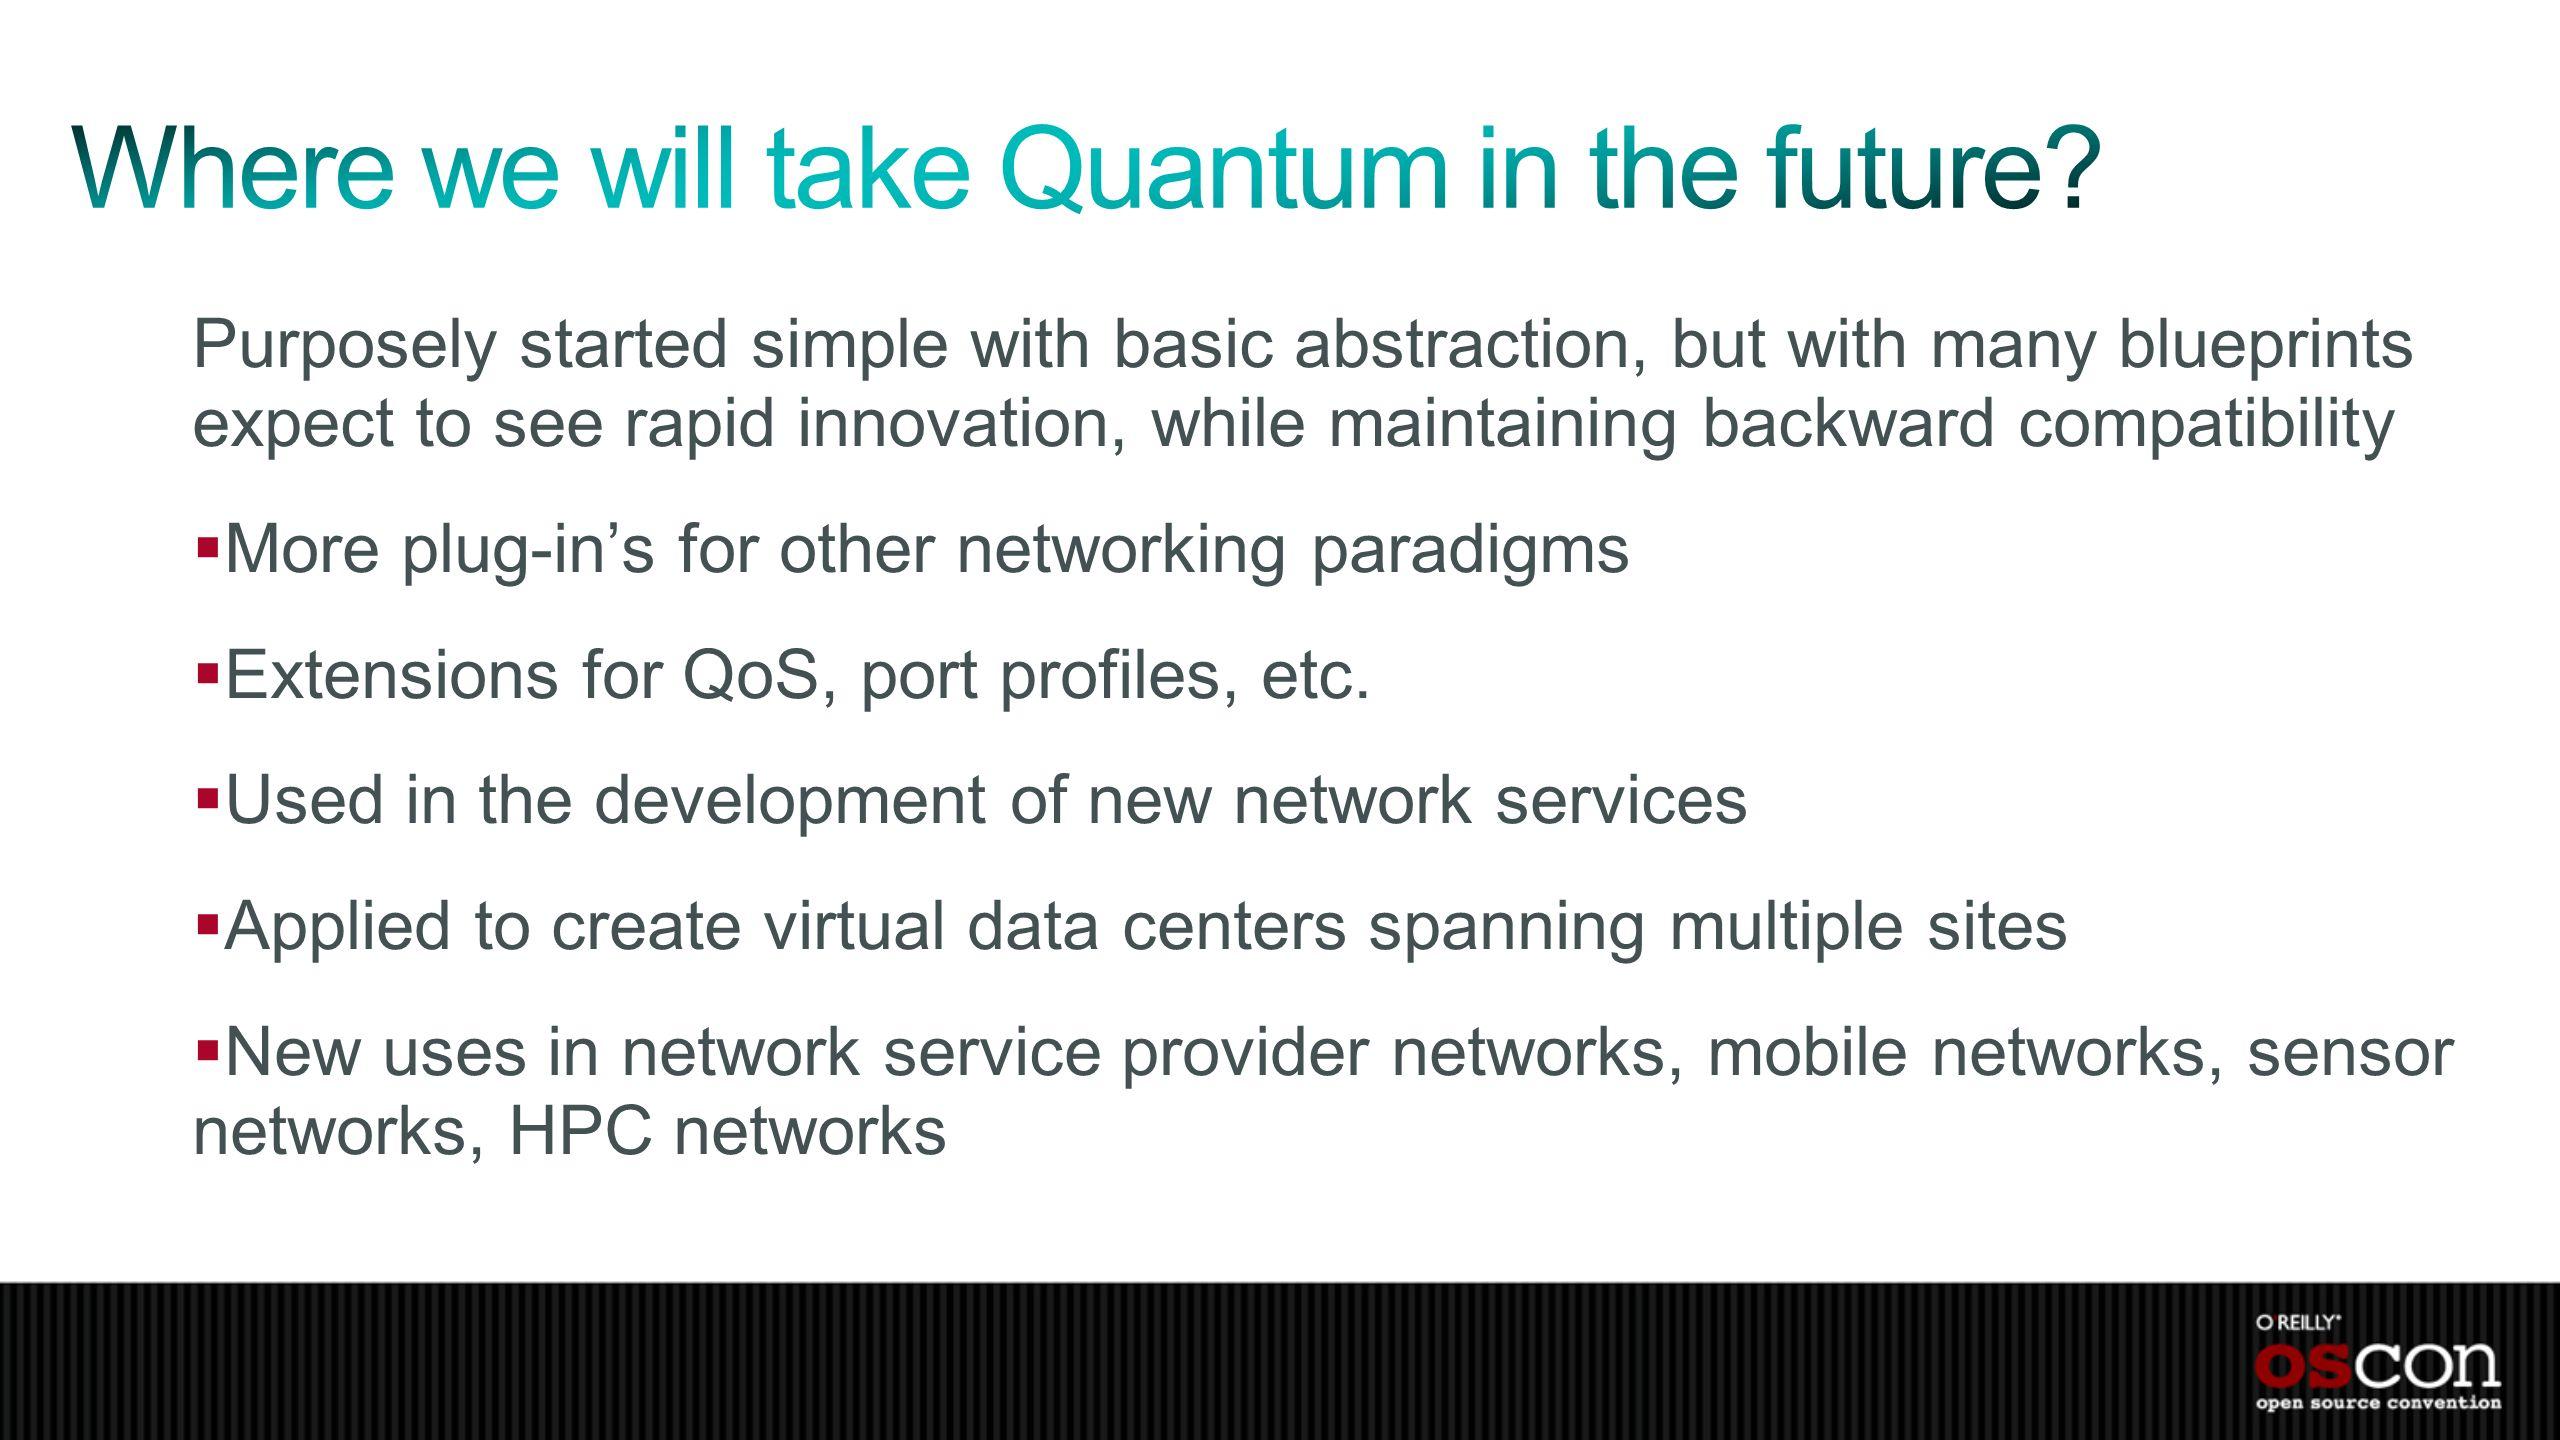 Where we will take Quantum in the future